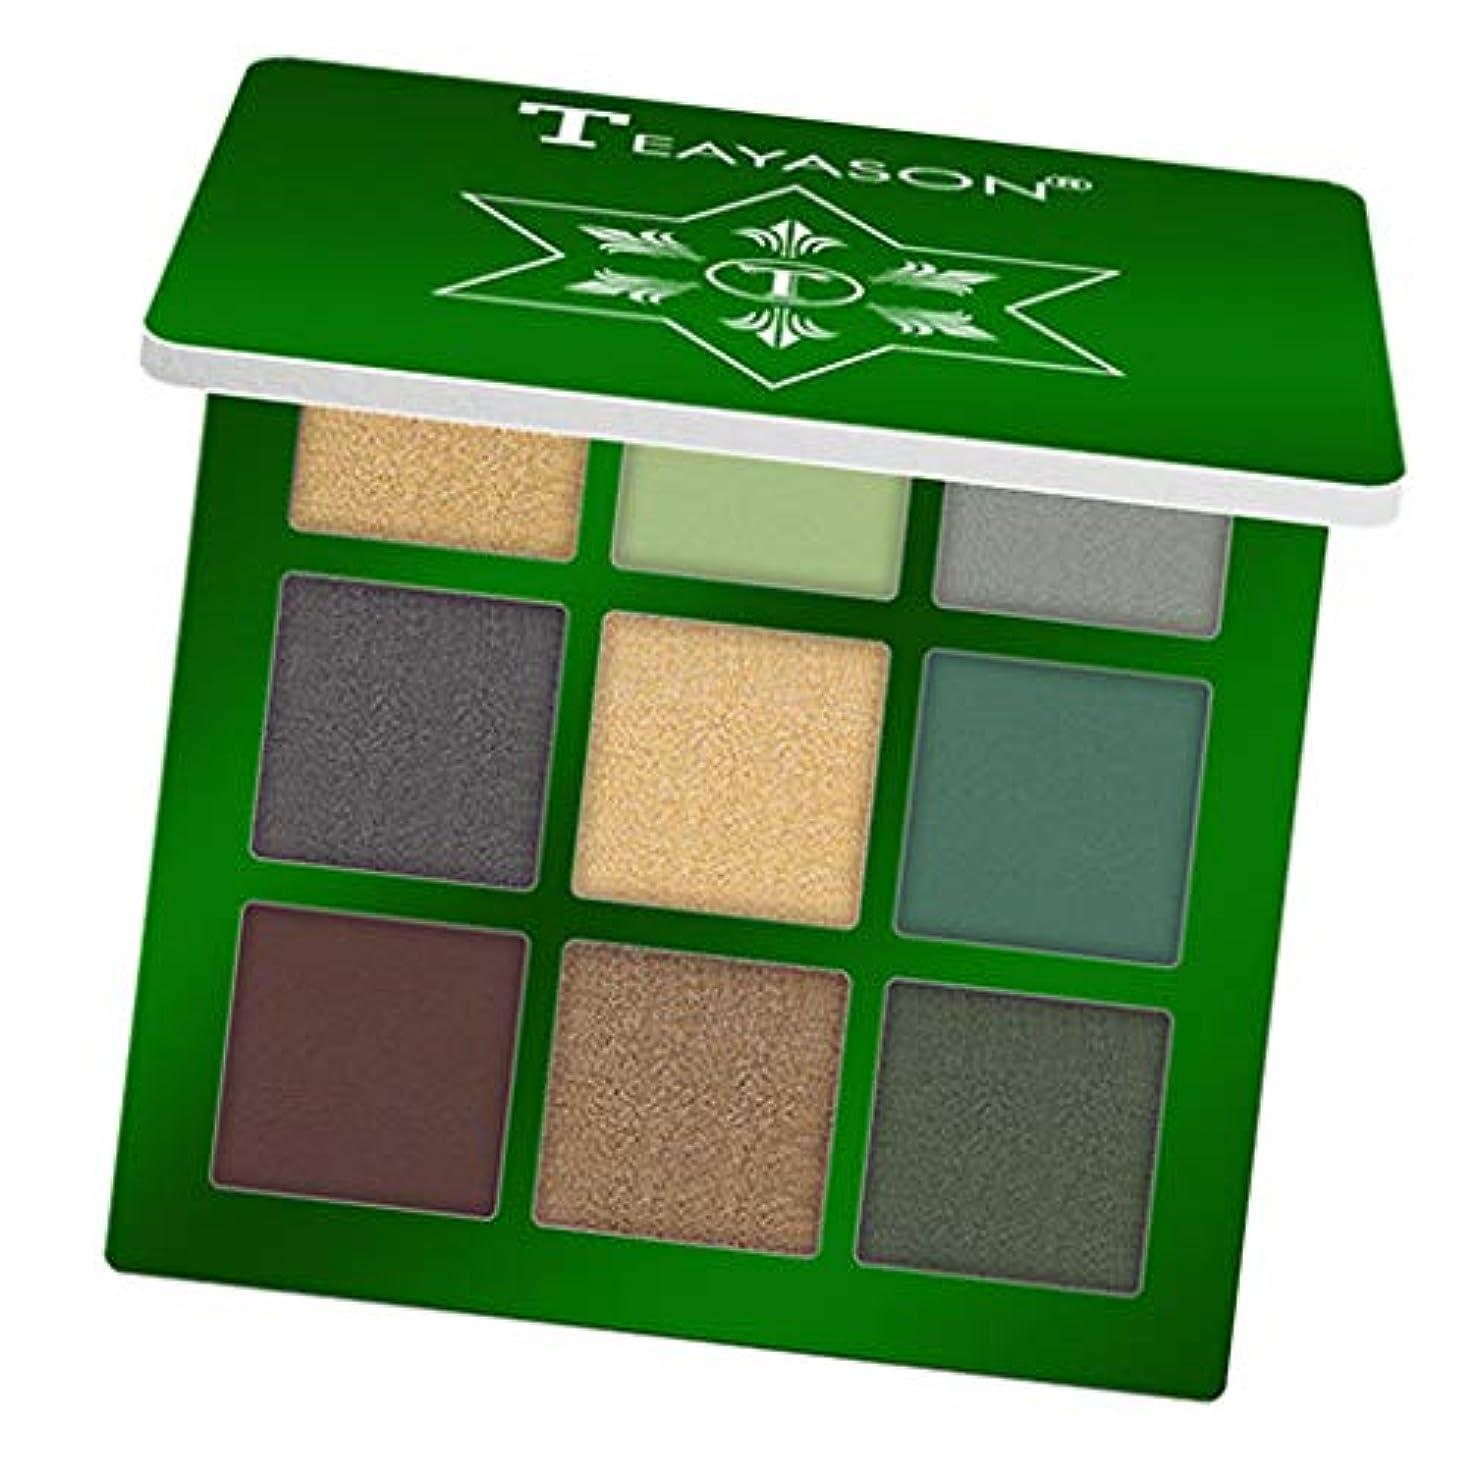 後継脱臼する裕福なToygogo アイシャドウ パレット マット アイシャドー きらめく 9色 ブレンド可能な 防水 全10色 - 緑